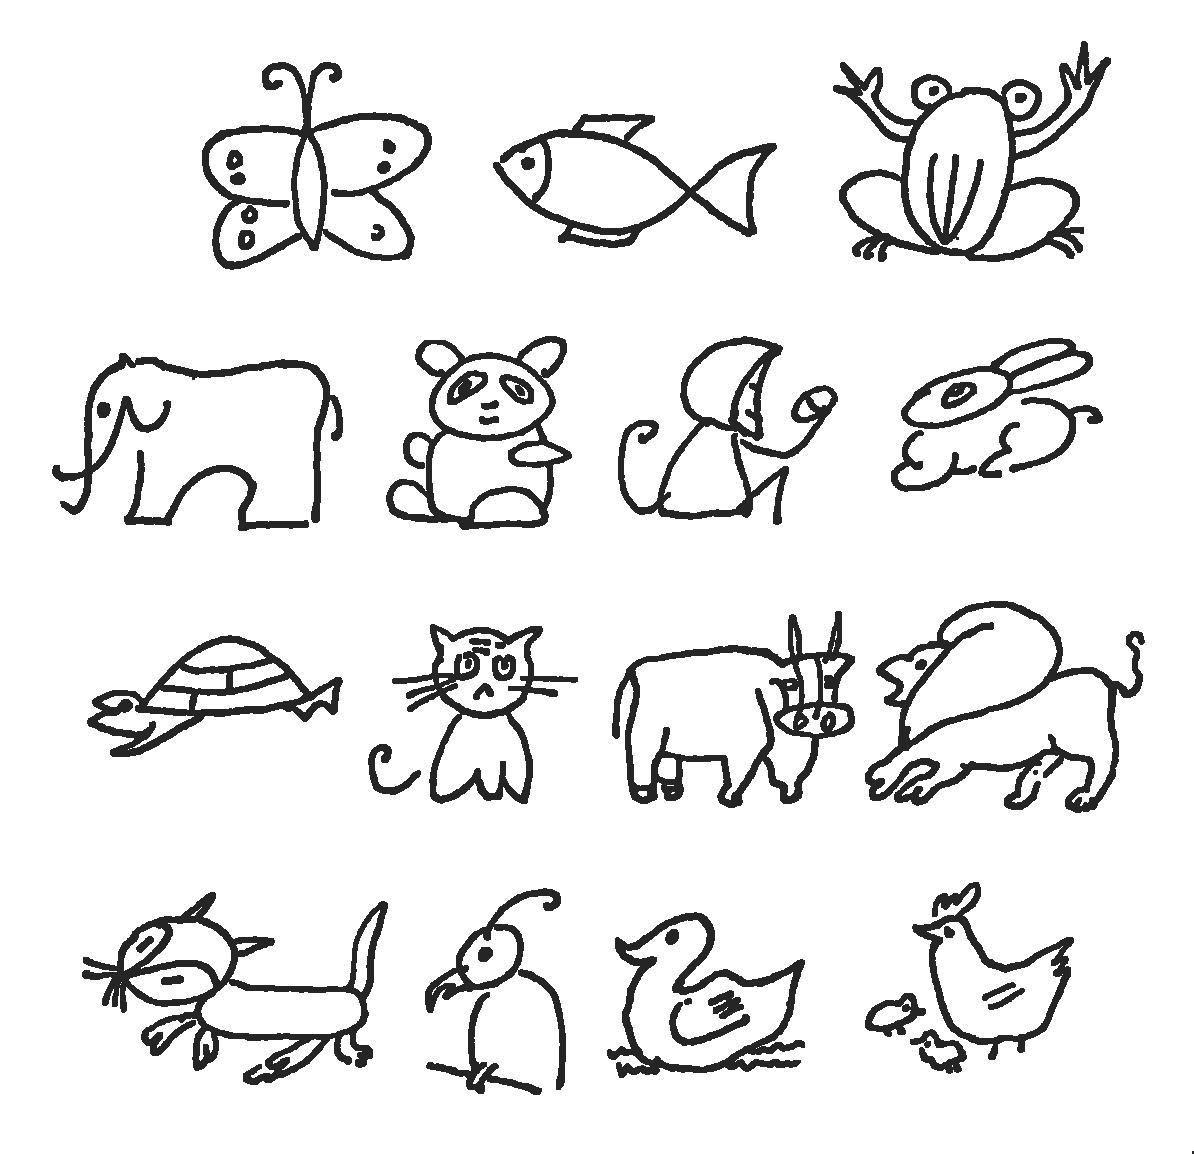 儿童简笔画简笔画 儿童简笔画图片欣赏 儿童简笔画儿童画画作品